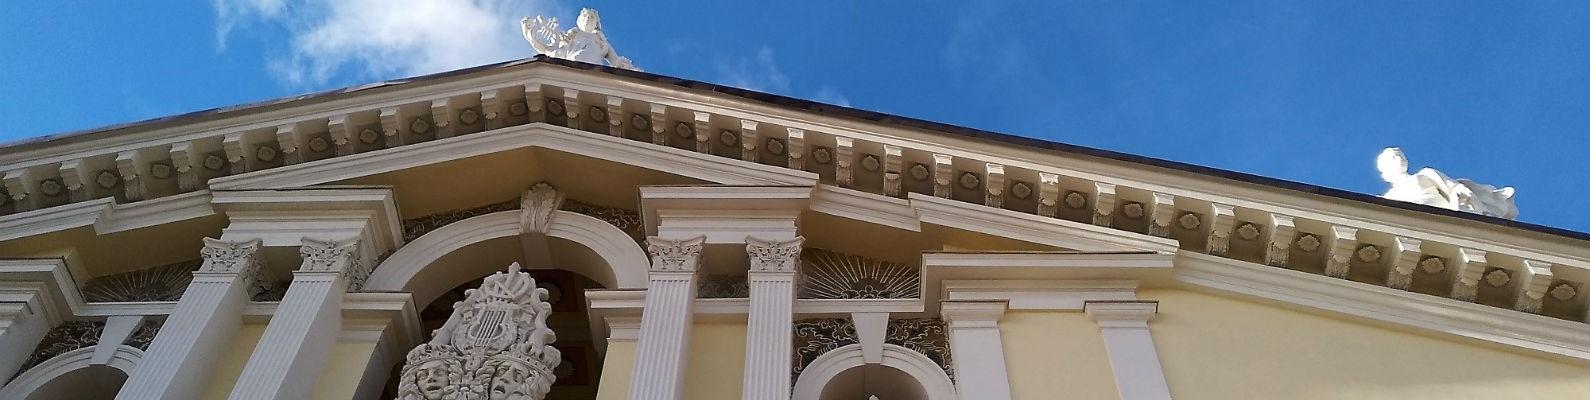 Драматический театр нижний тагил афиша октябрь билеты на концерт камеди вумен в москве